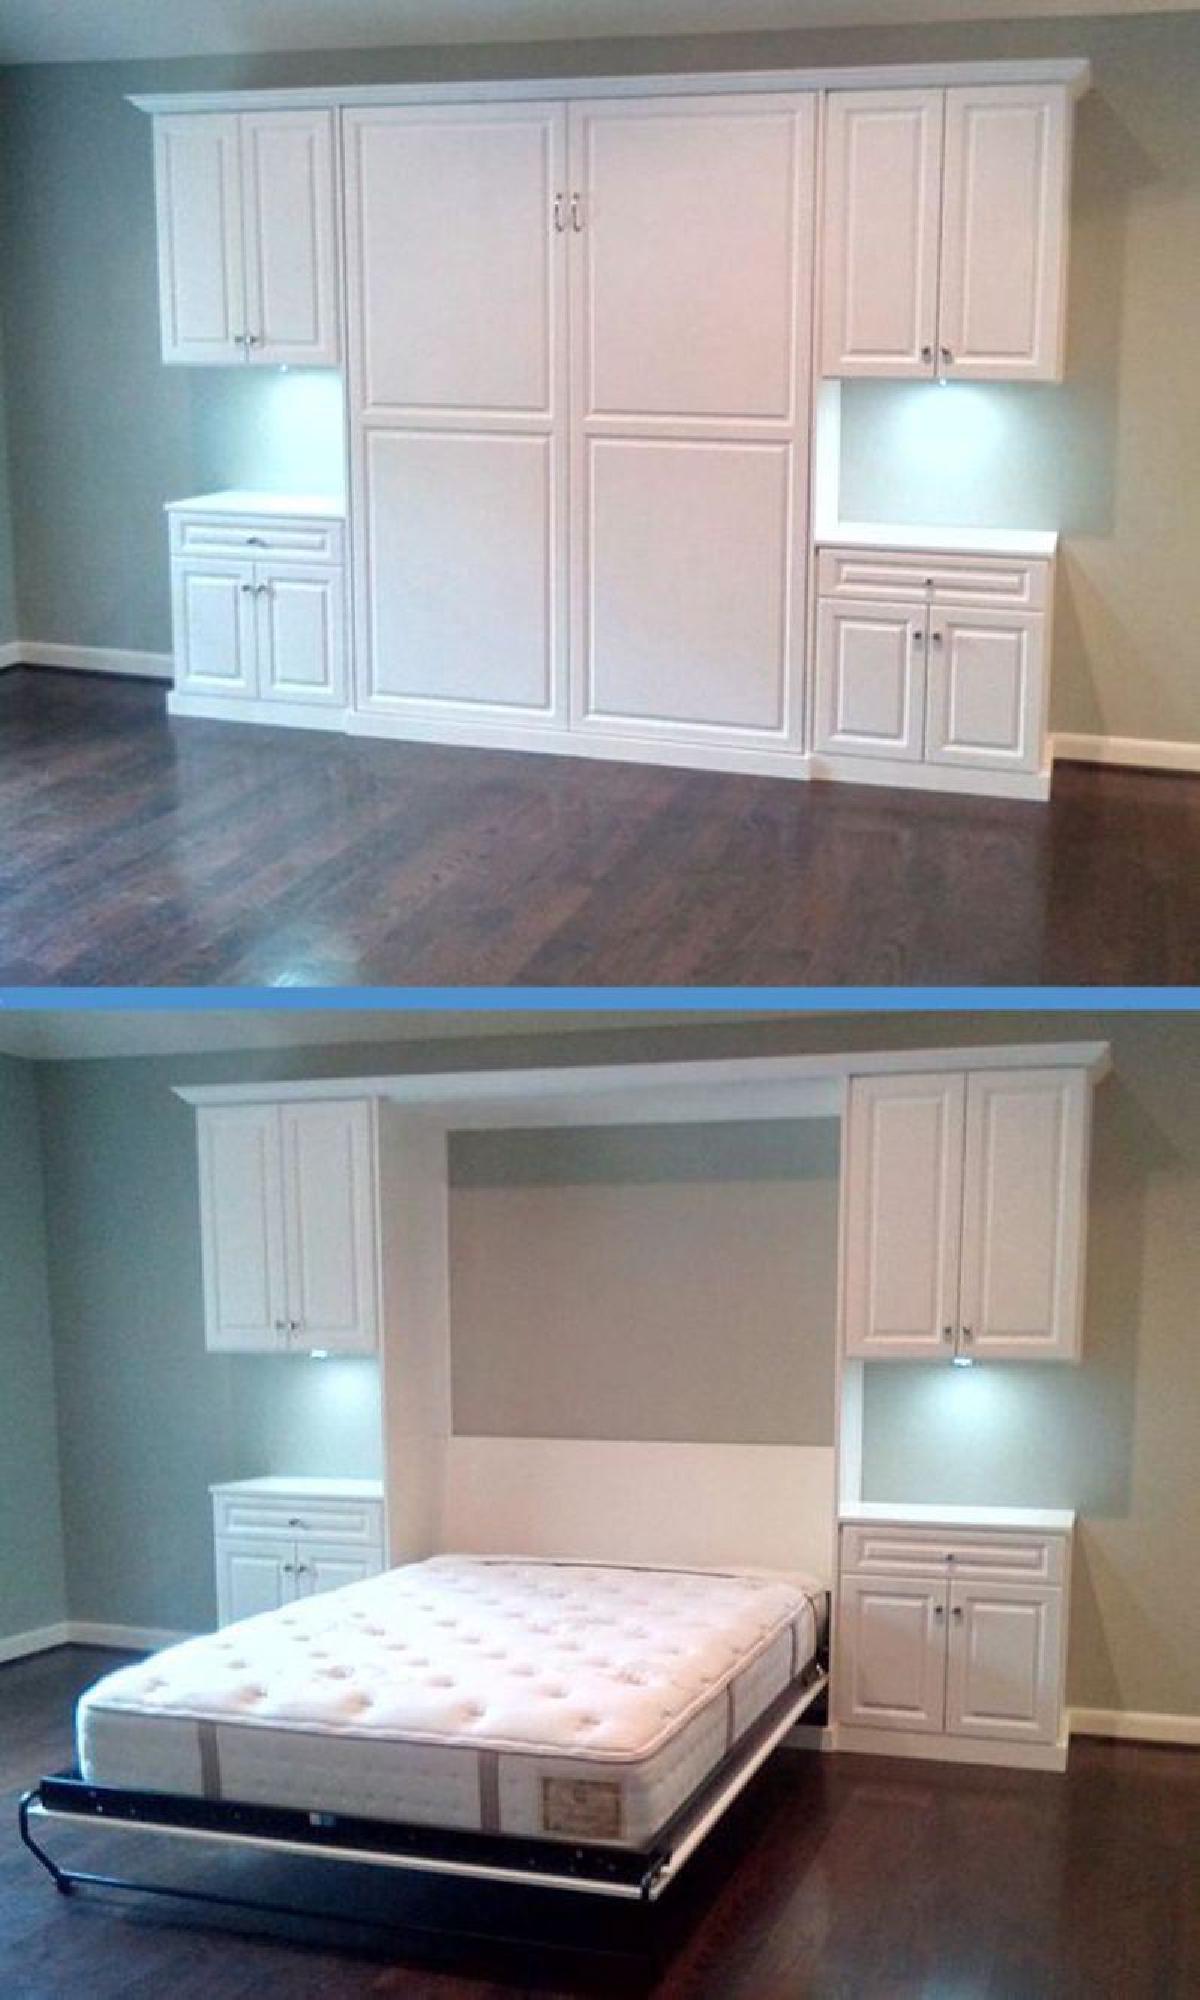 แต่งห้องนอนขนาดเล็ก 3X4 เมตร